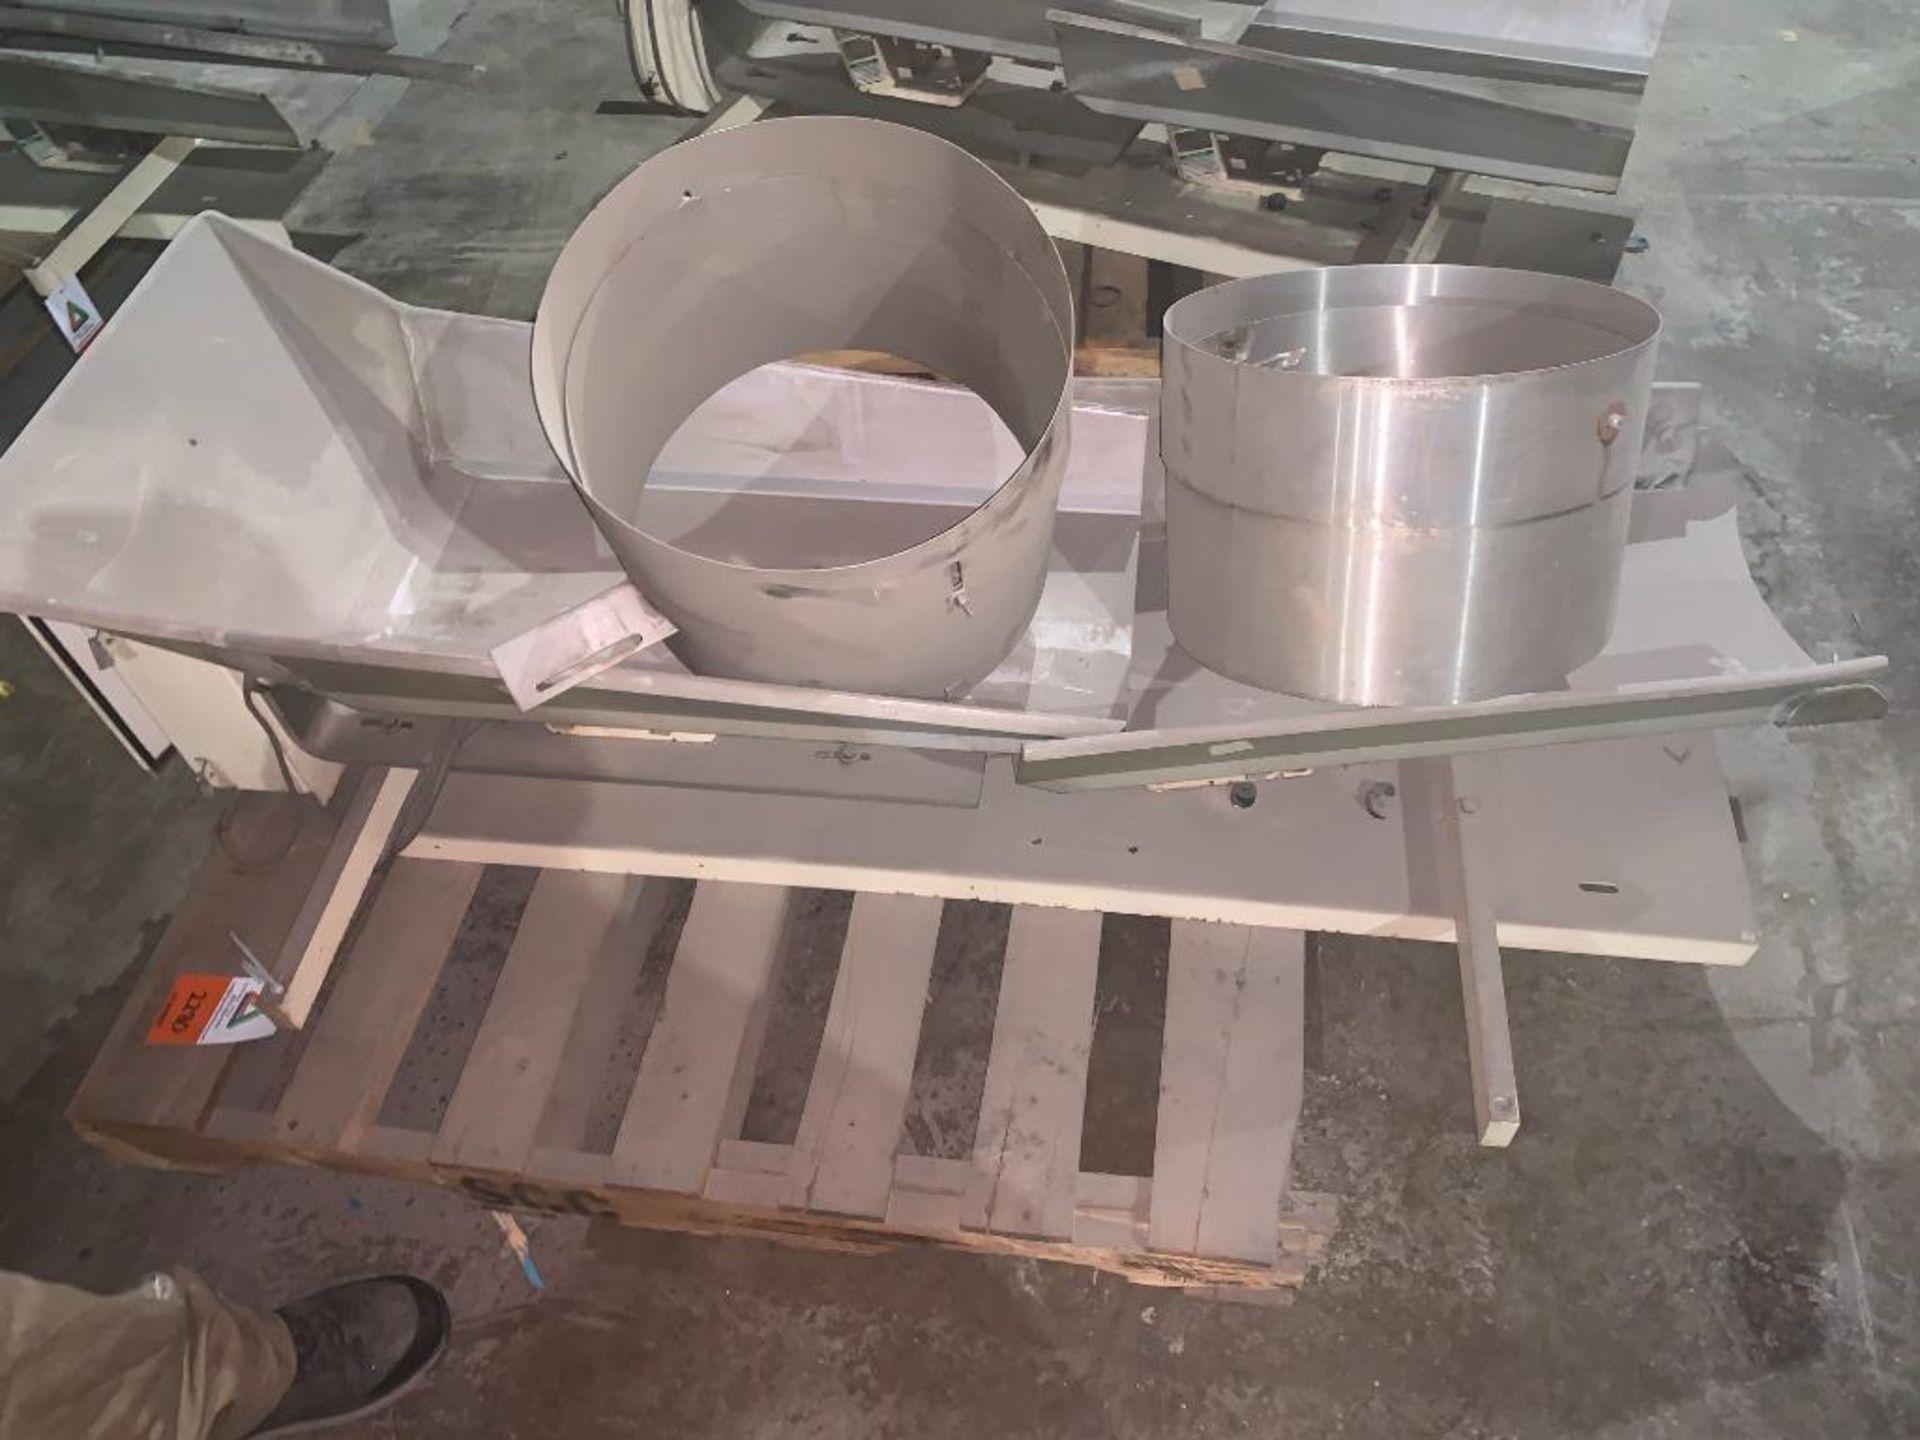 vibratory conveyor - Image 2 of 6